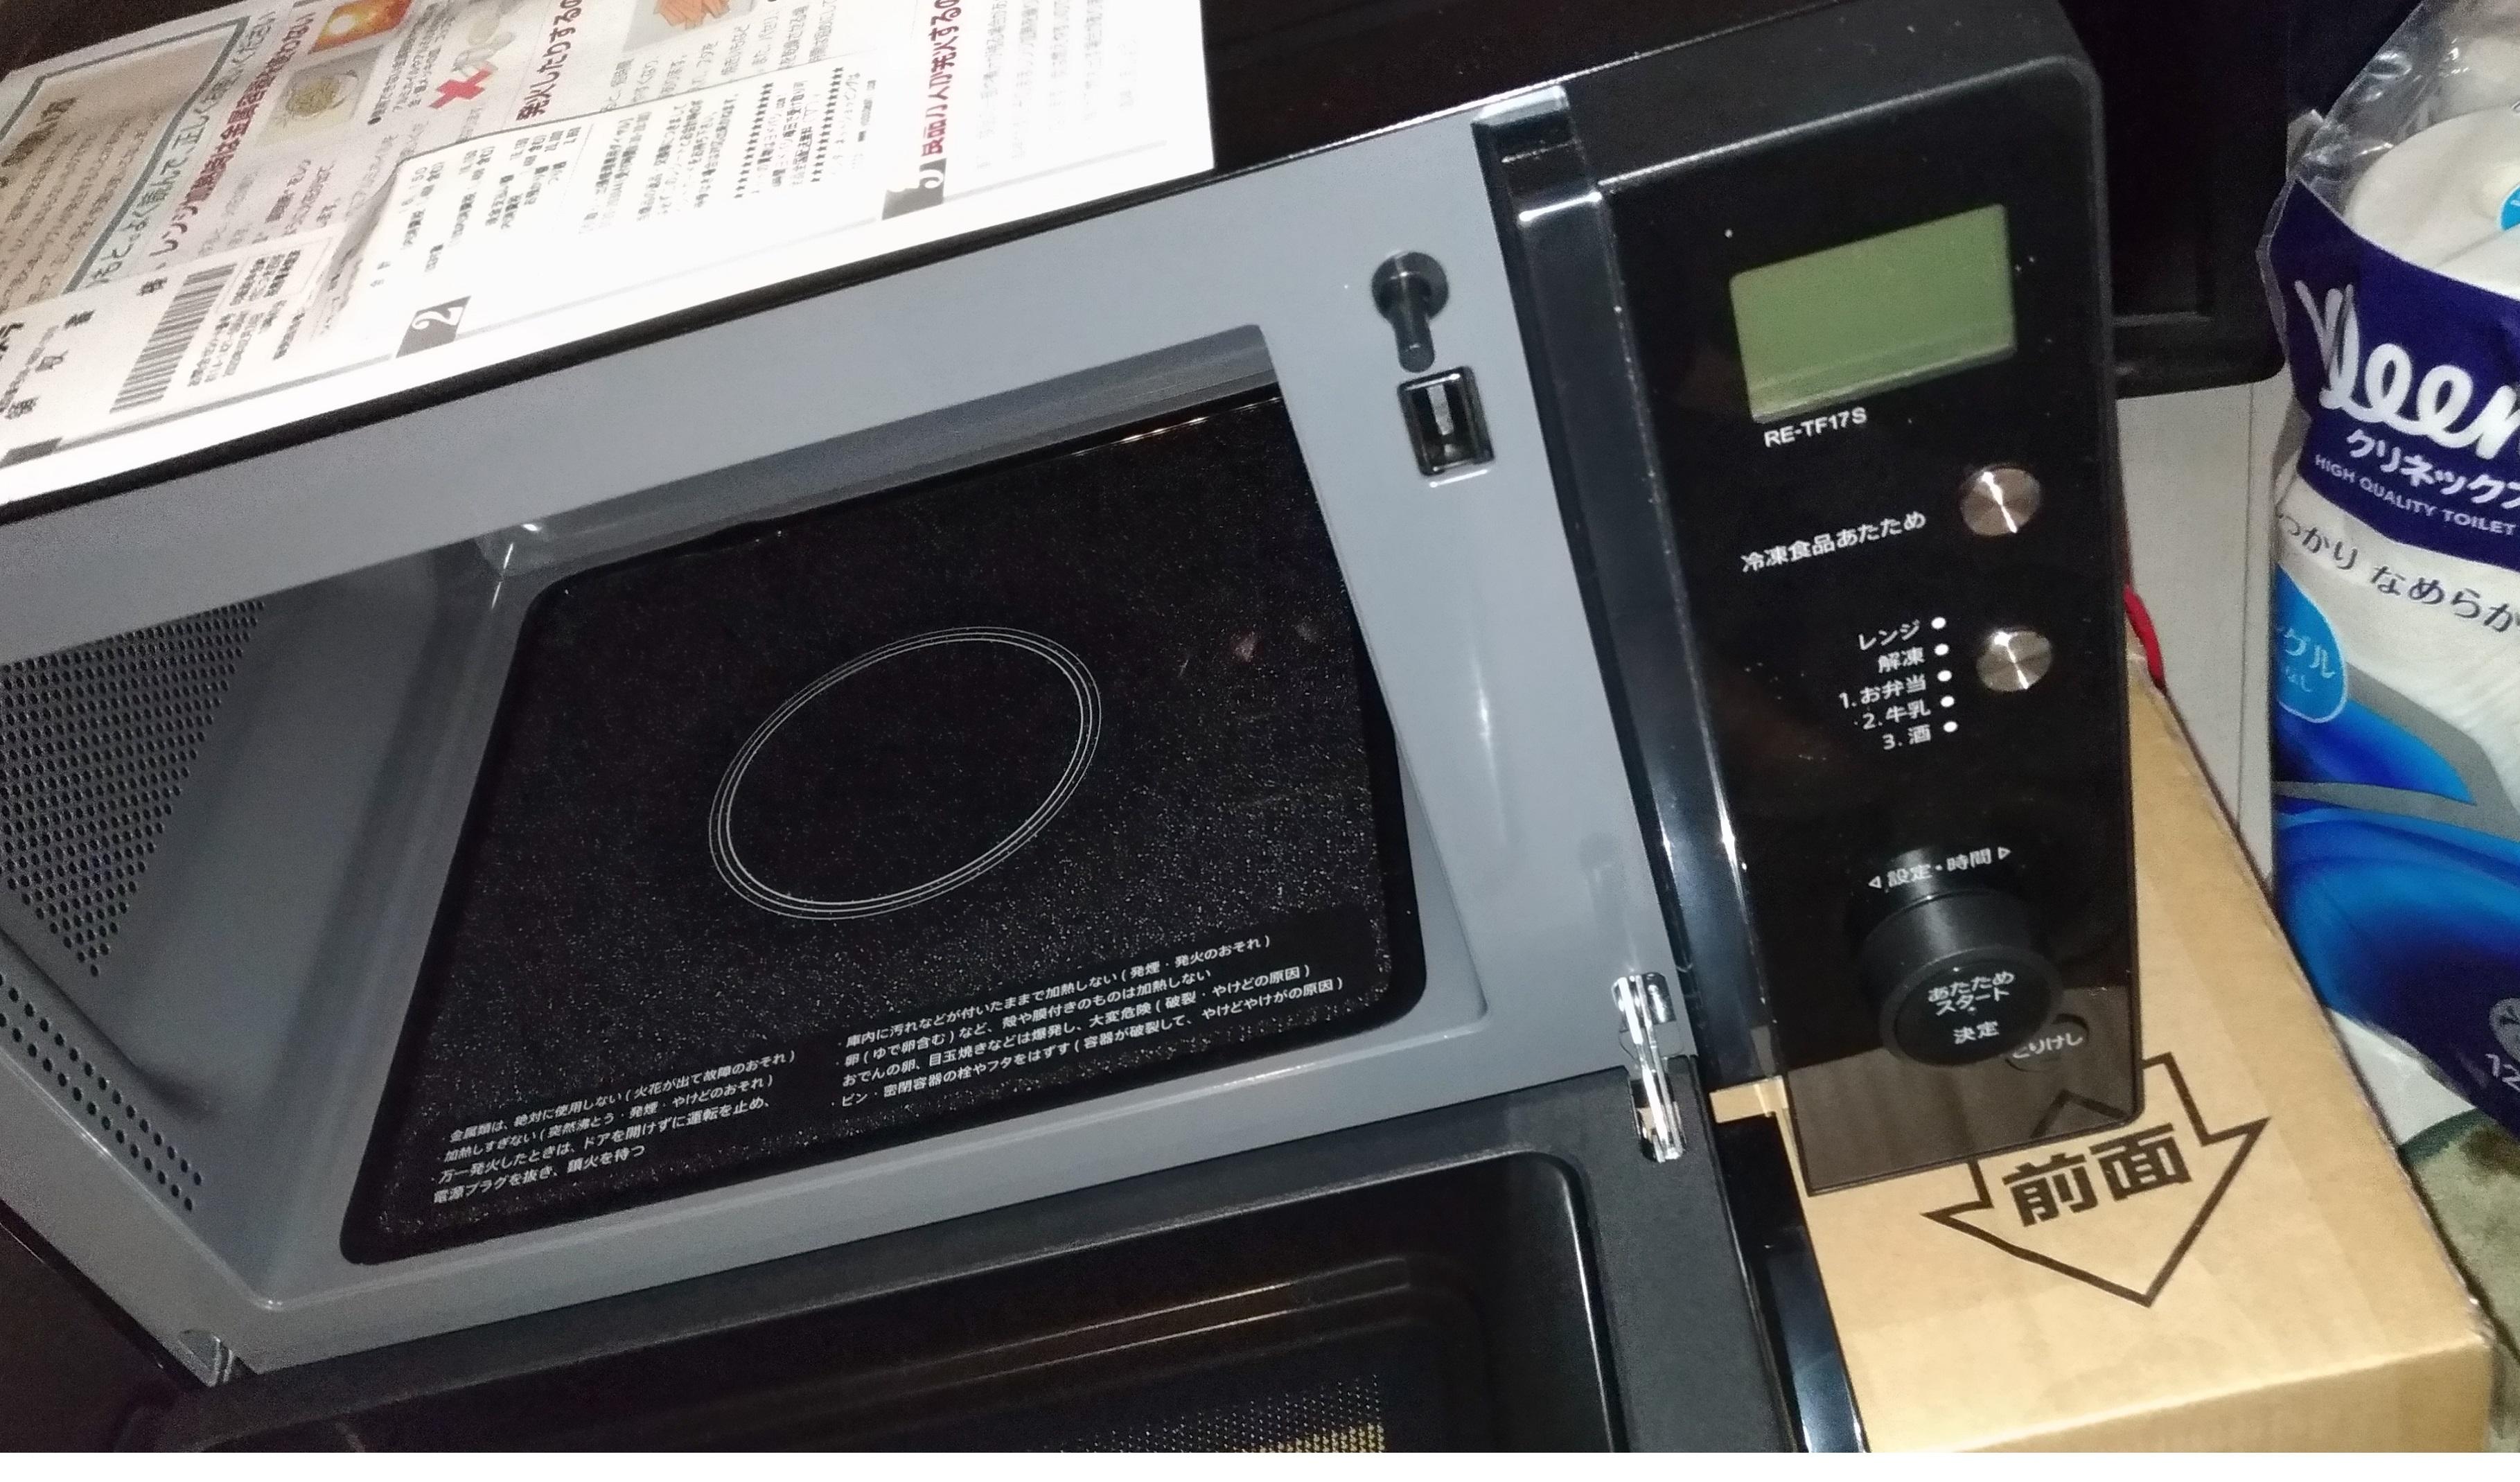 sharp_microwave_oven_2020_hitori_6.jpg